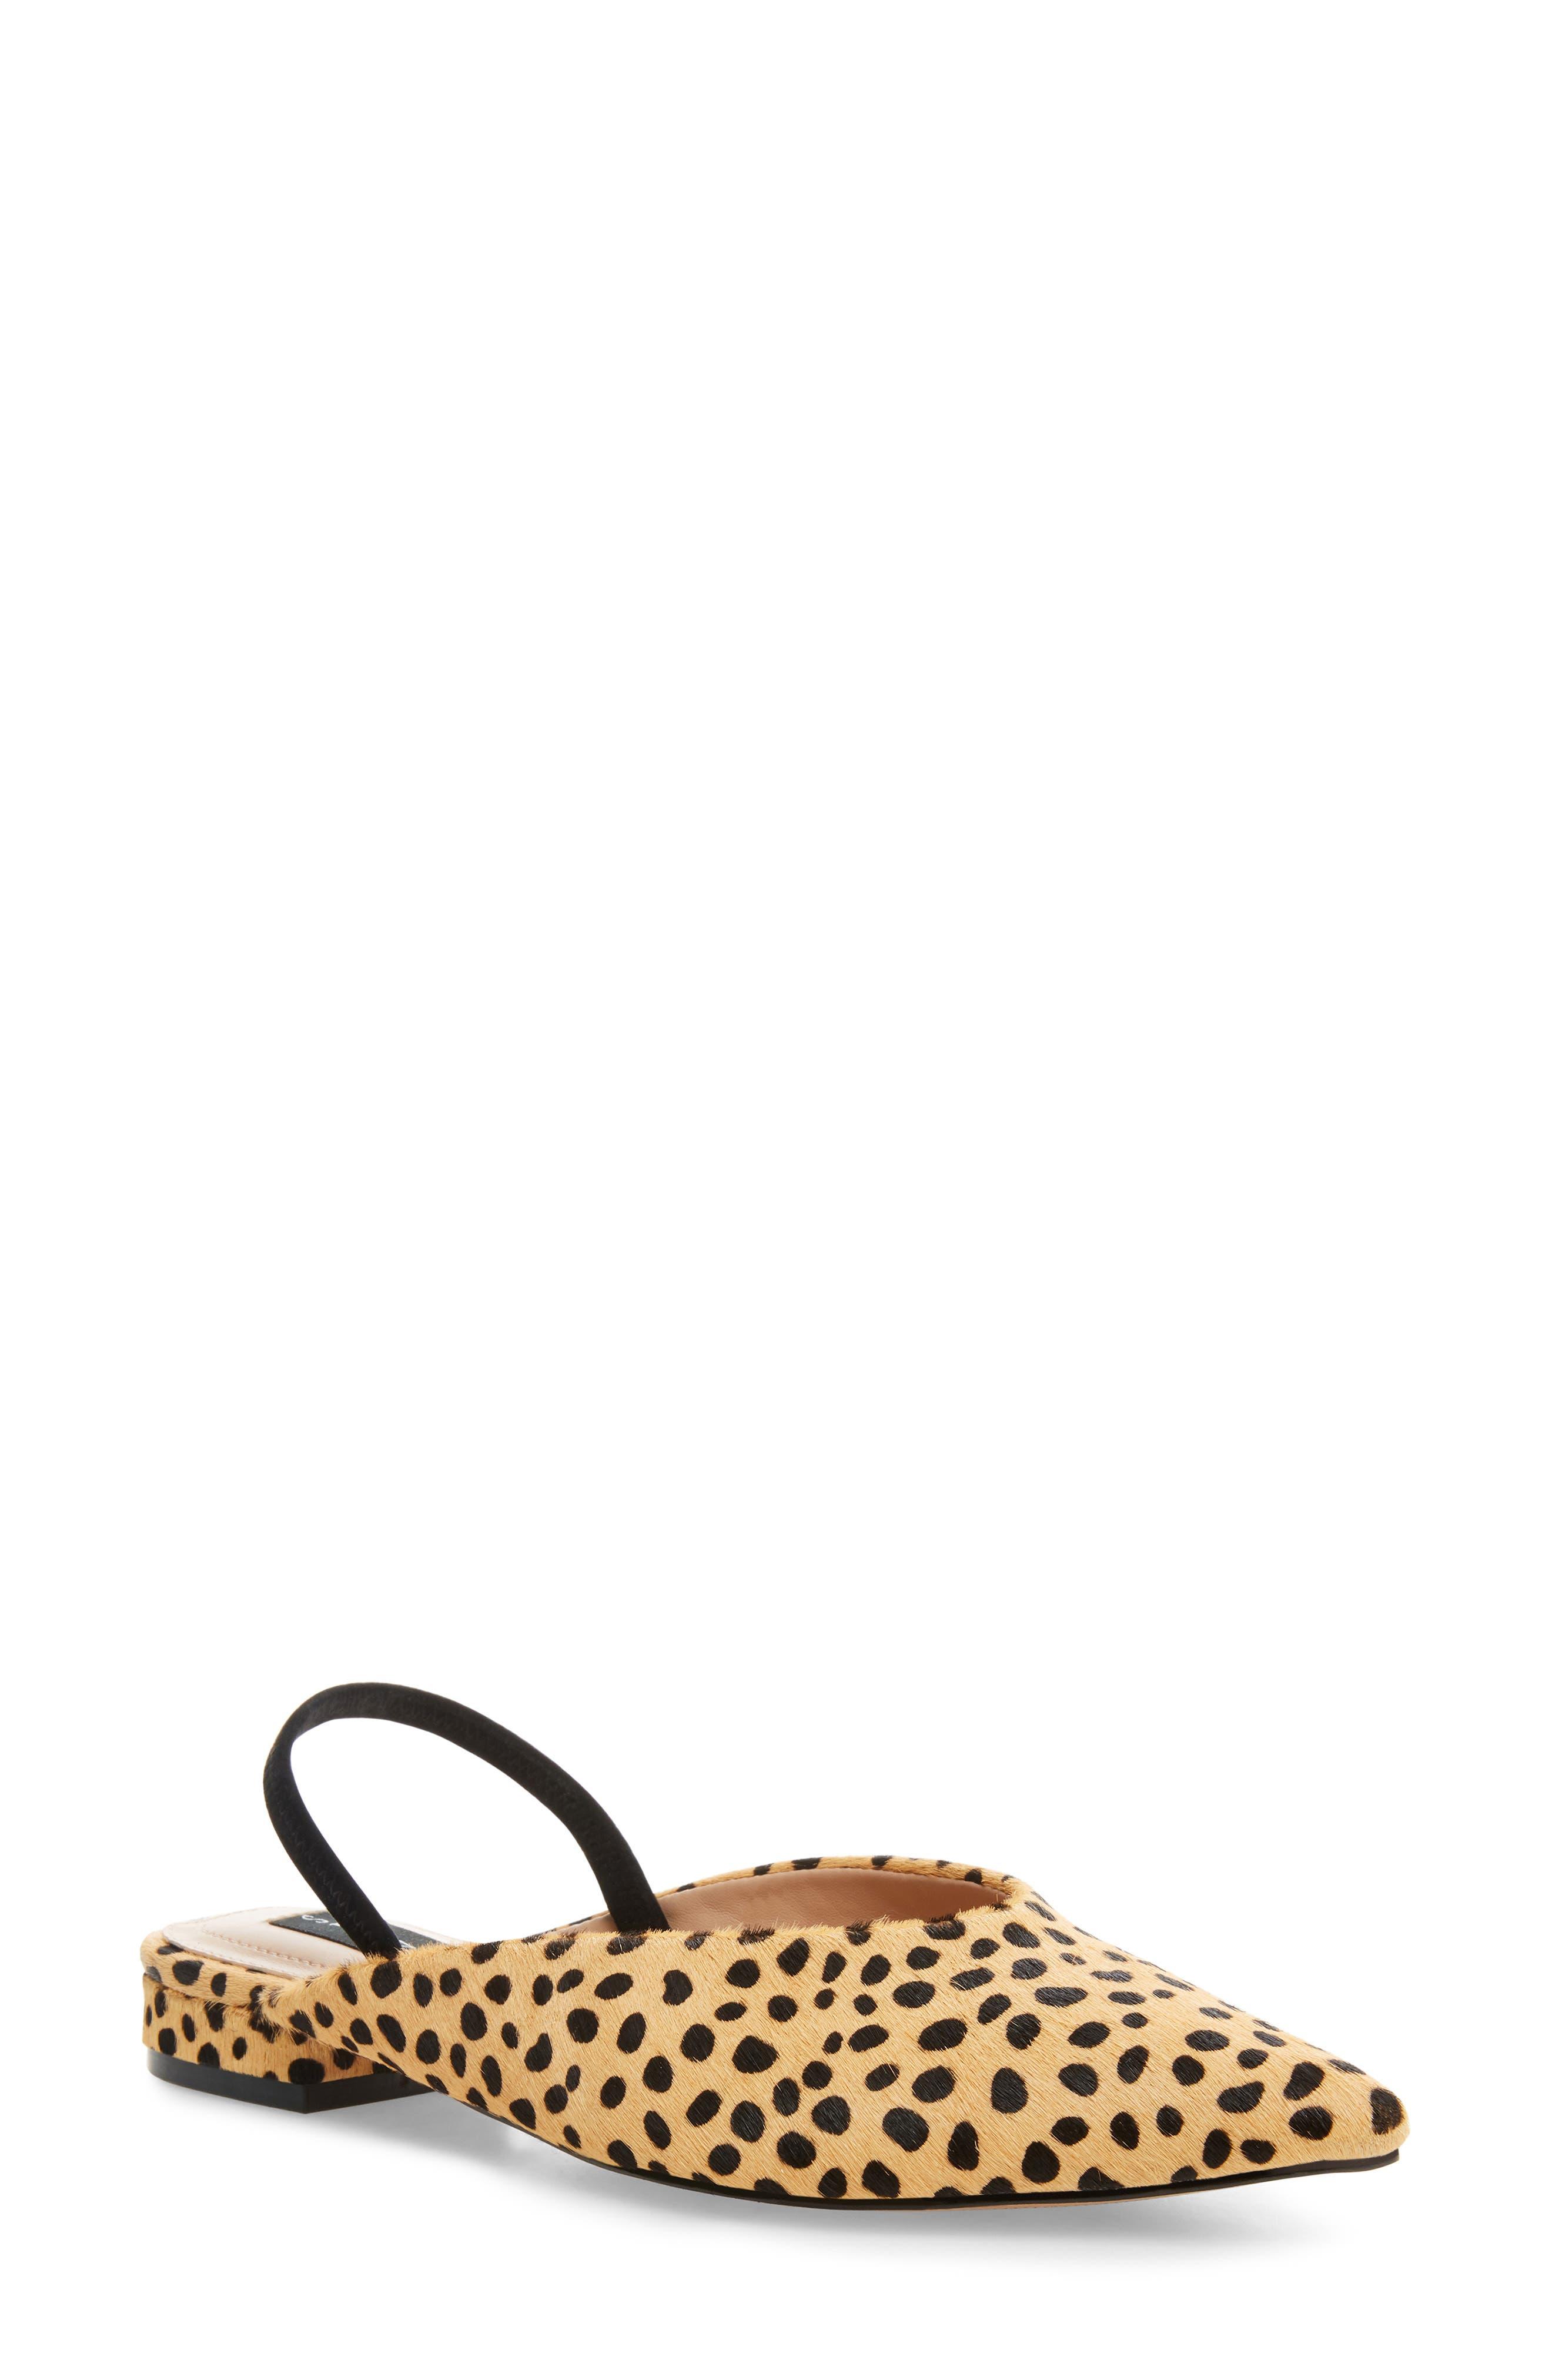 Image of STEVEN NEW YORK Lisboa Genuine Calf Hair Skimmer Sandal